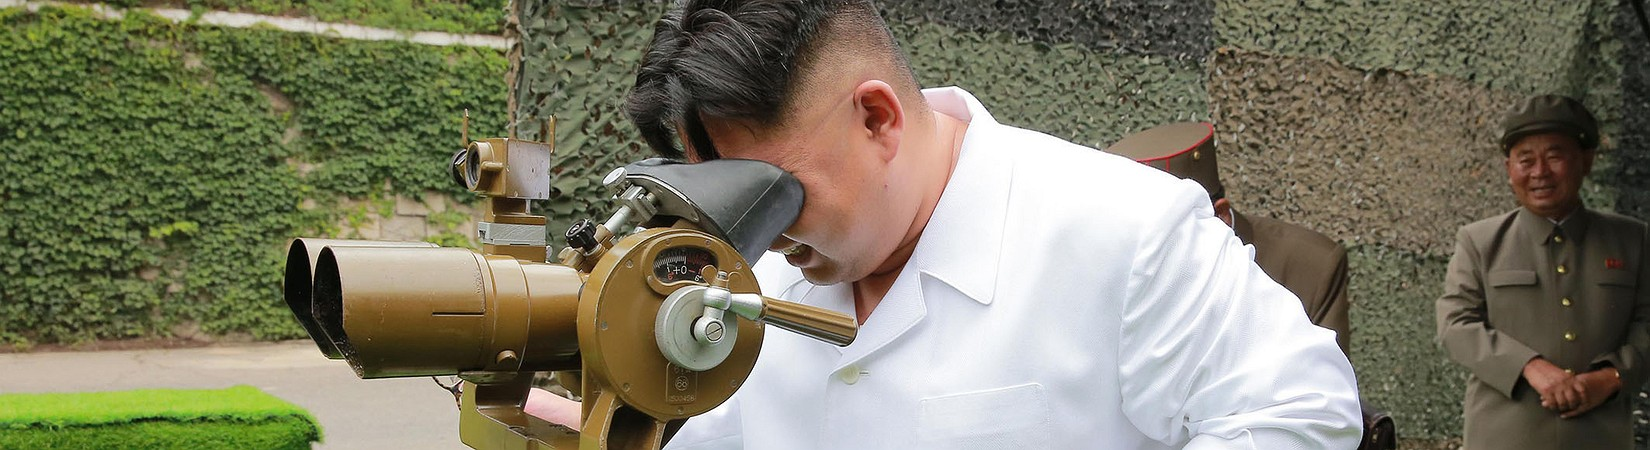 Come usano la tecnologia in Corea del Nord?